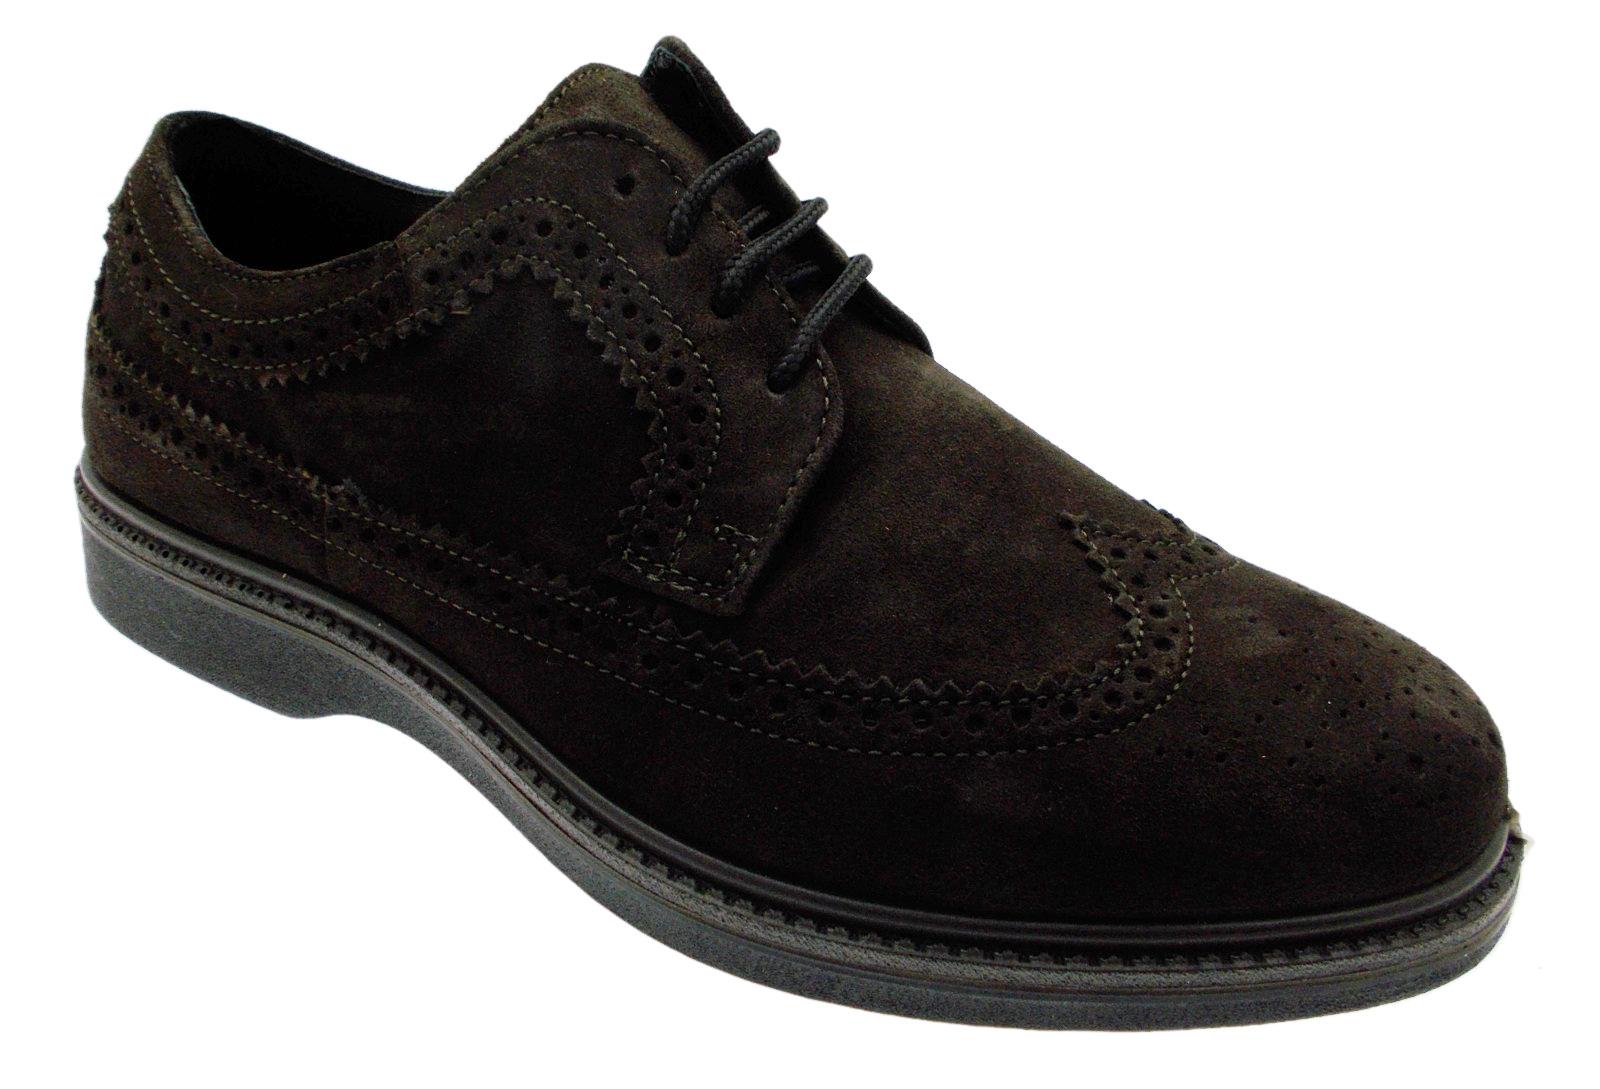 G0292 lacci  inglese marrone scarpa uomo plantare ortopedica Loren